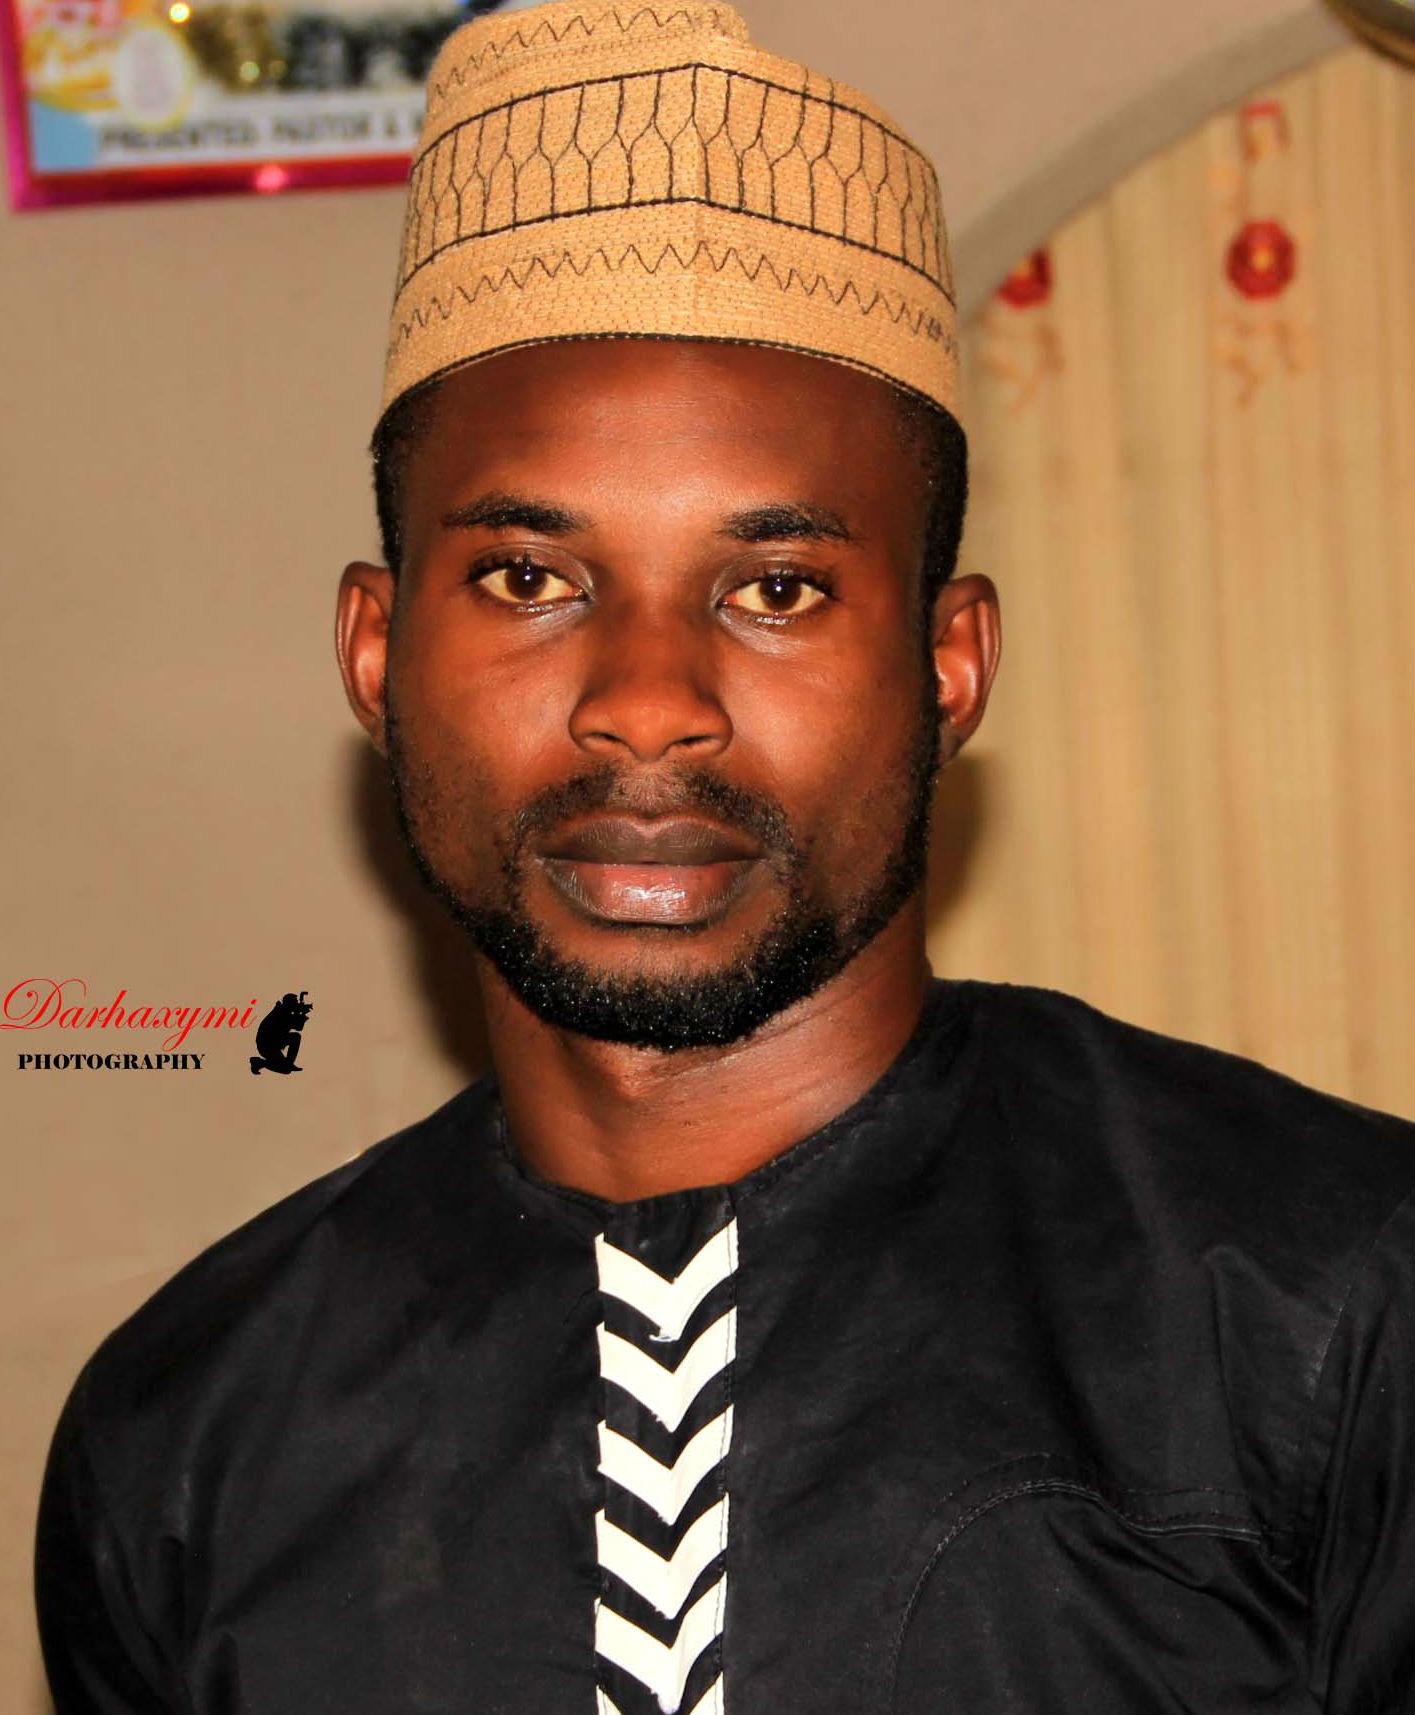 Ogungbile Adedayo